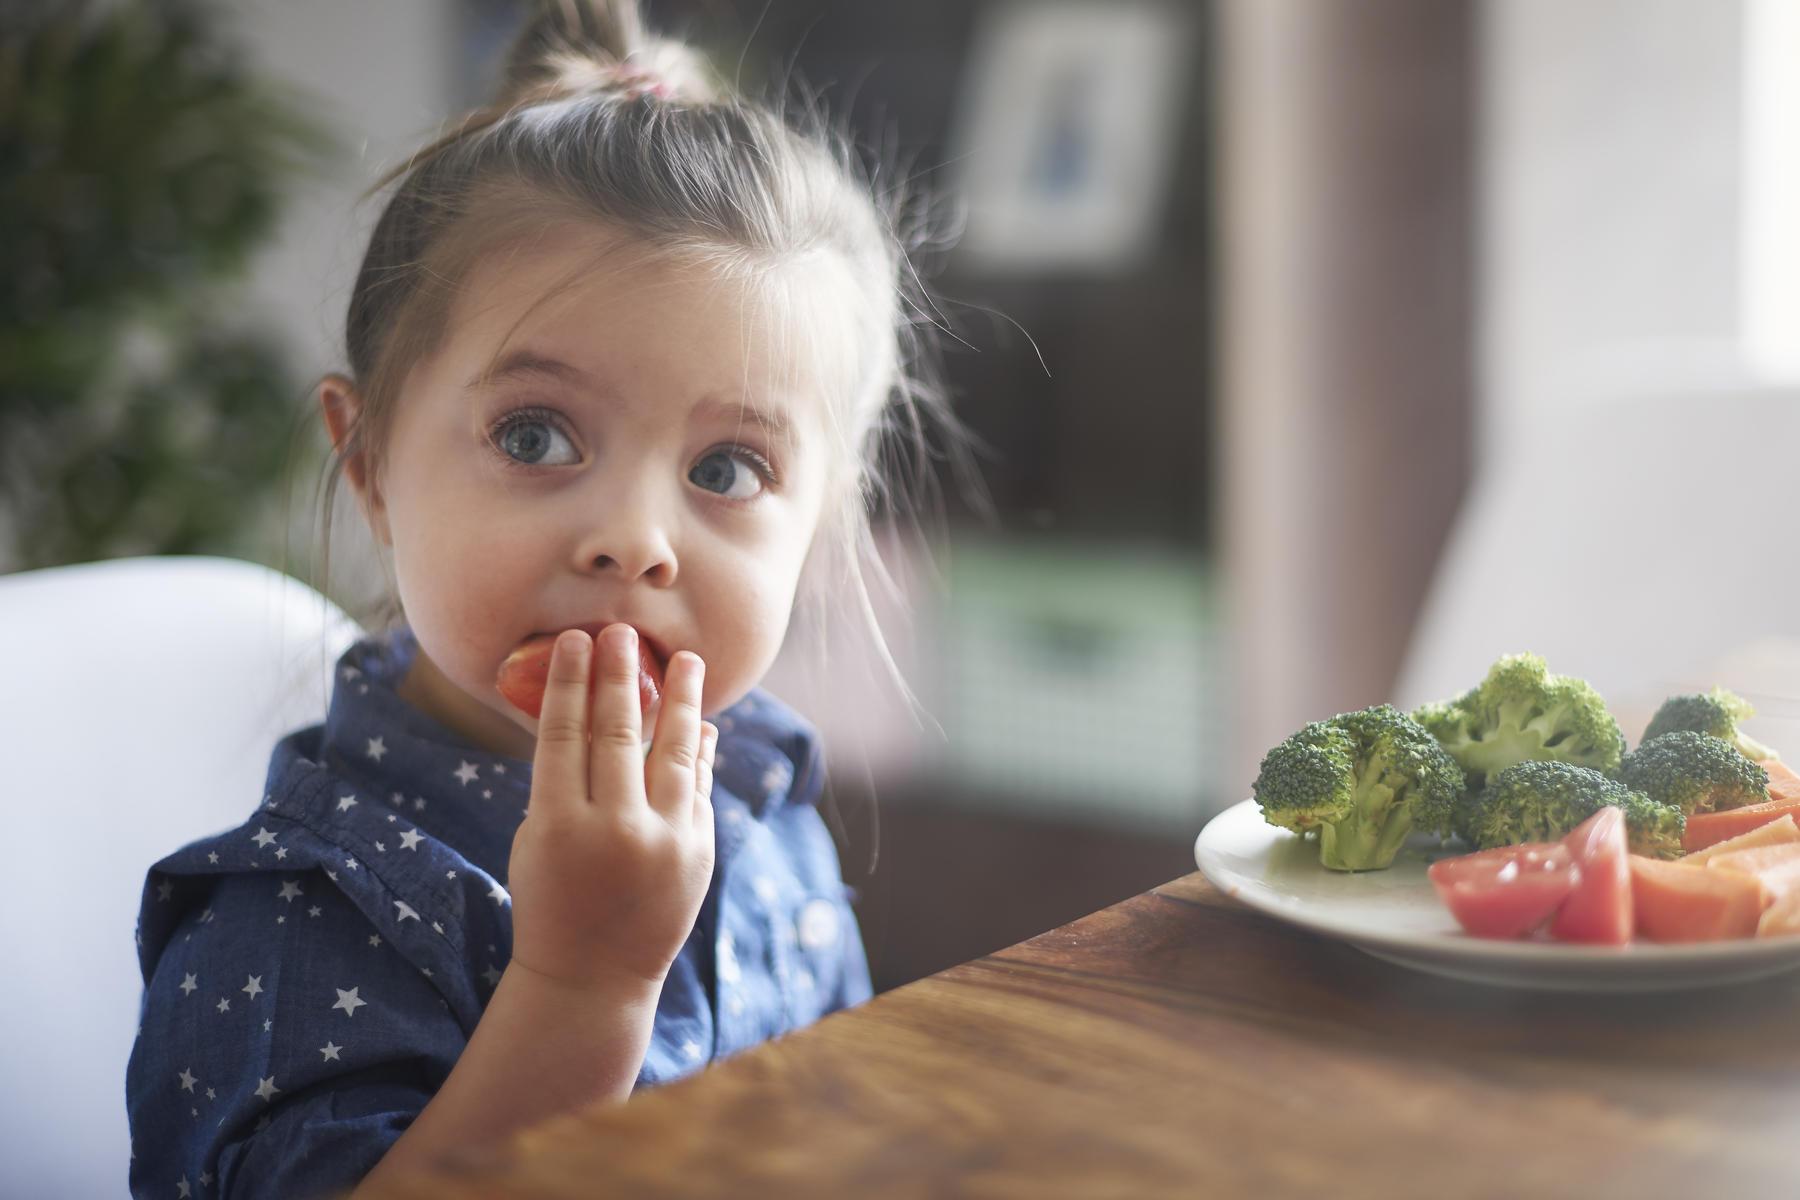 Çocuklara yemek yaptırılmalı mı